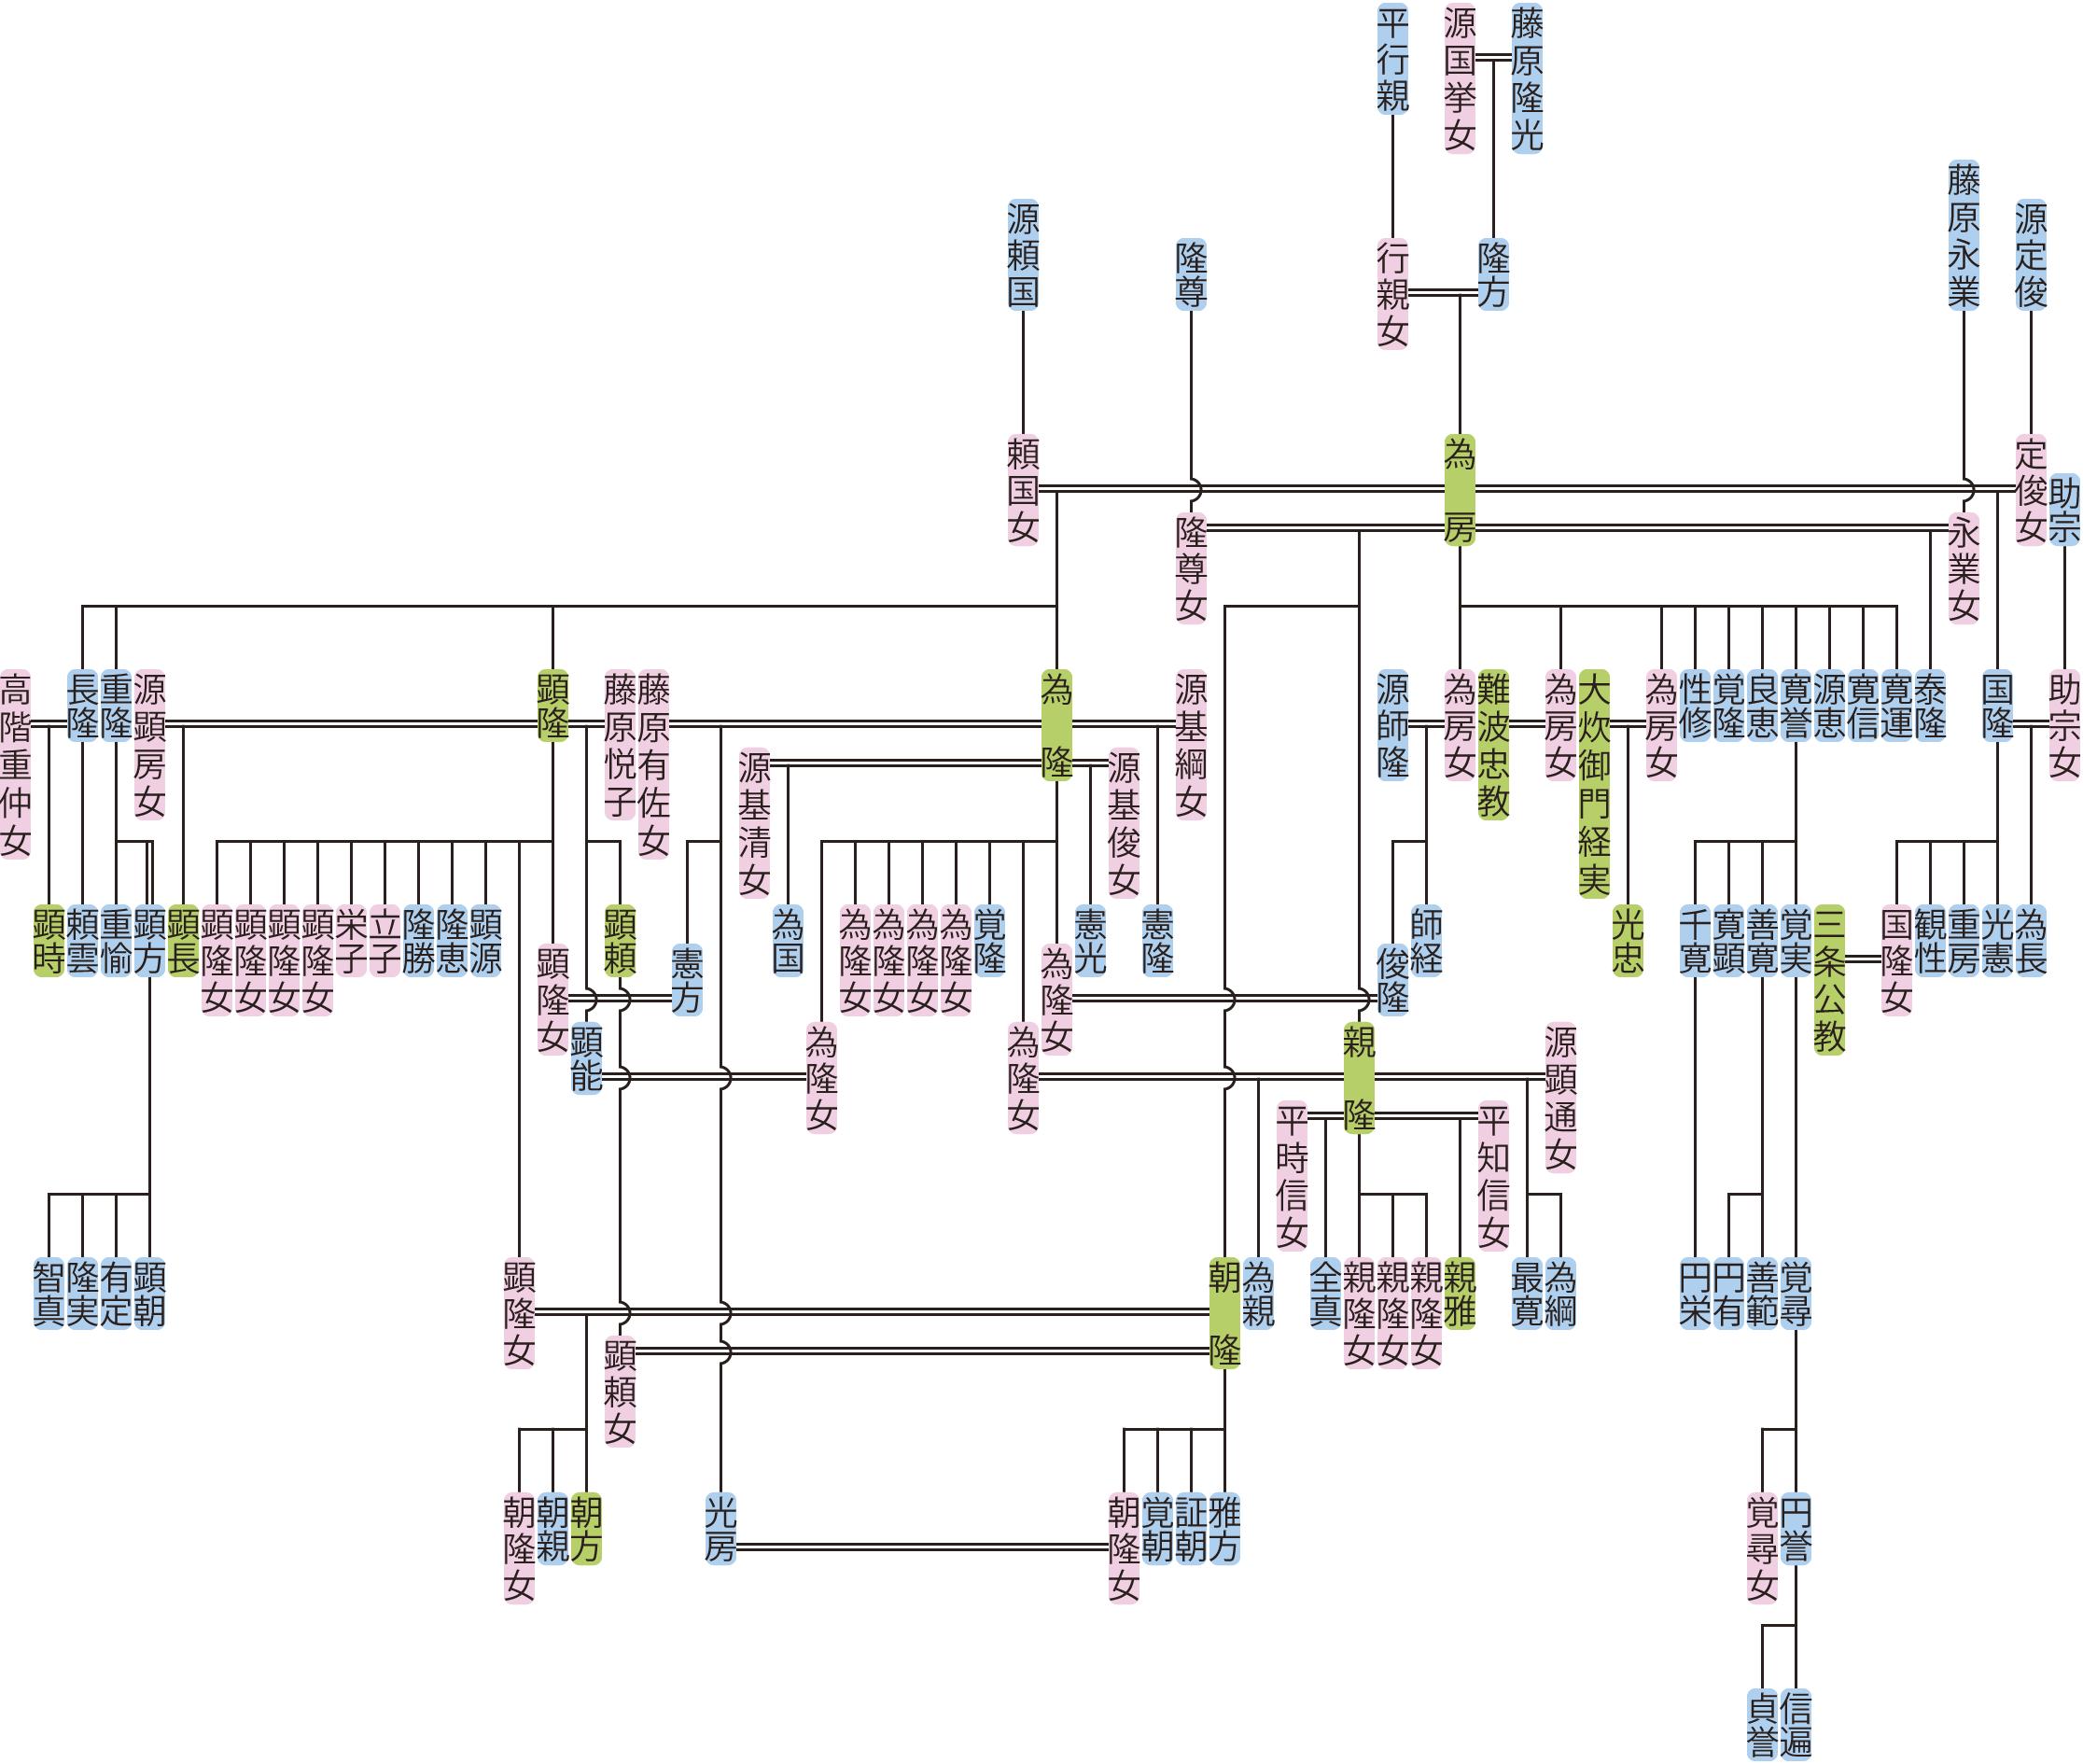 藤原為房の系図